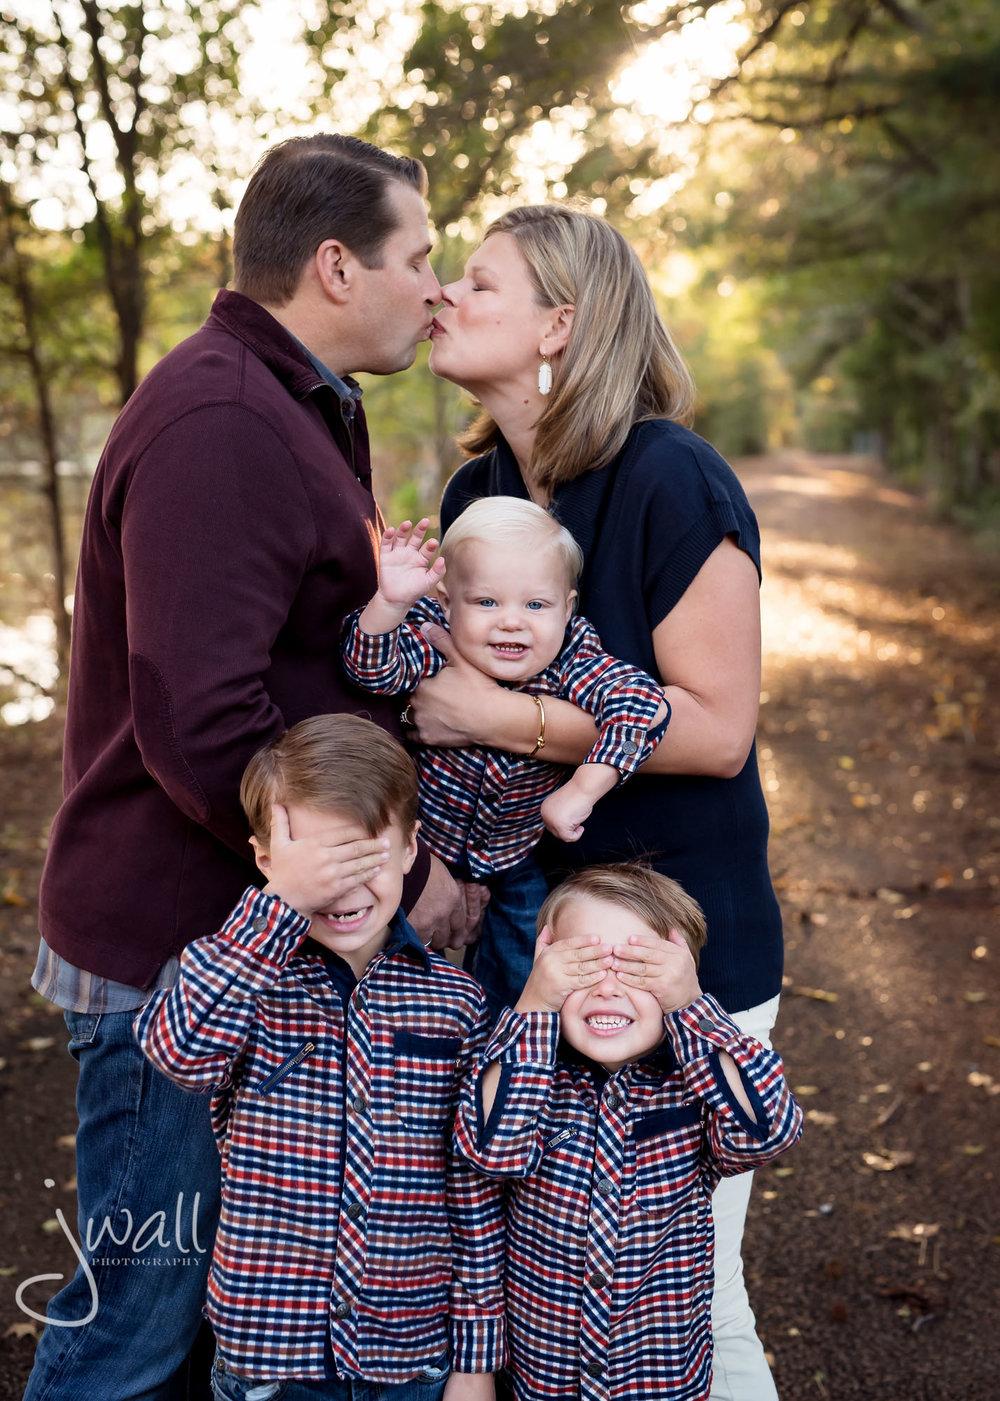 Von Hohn family